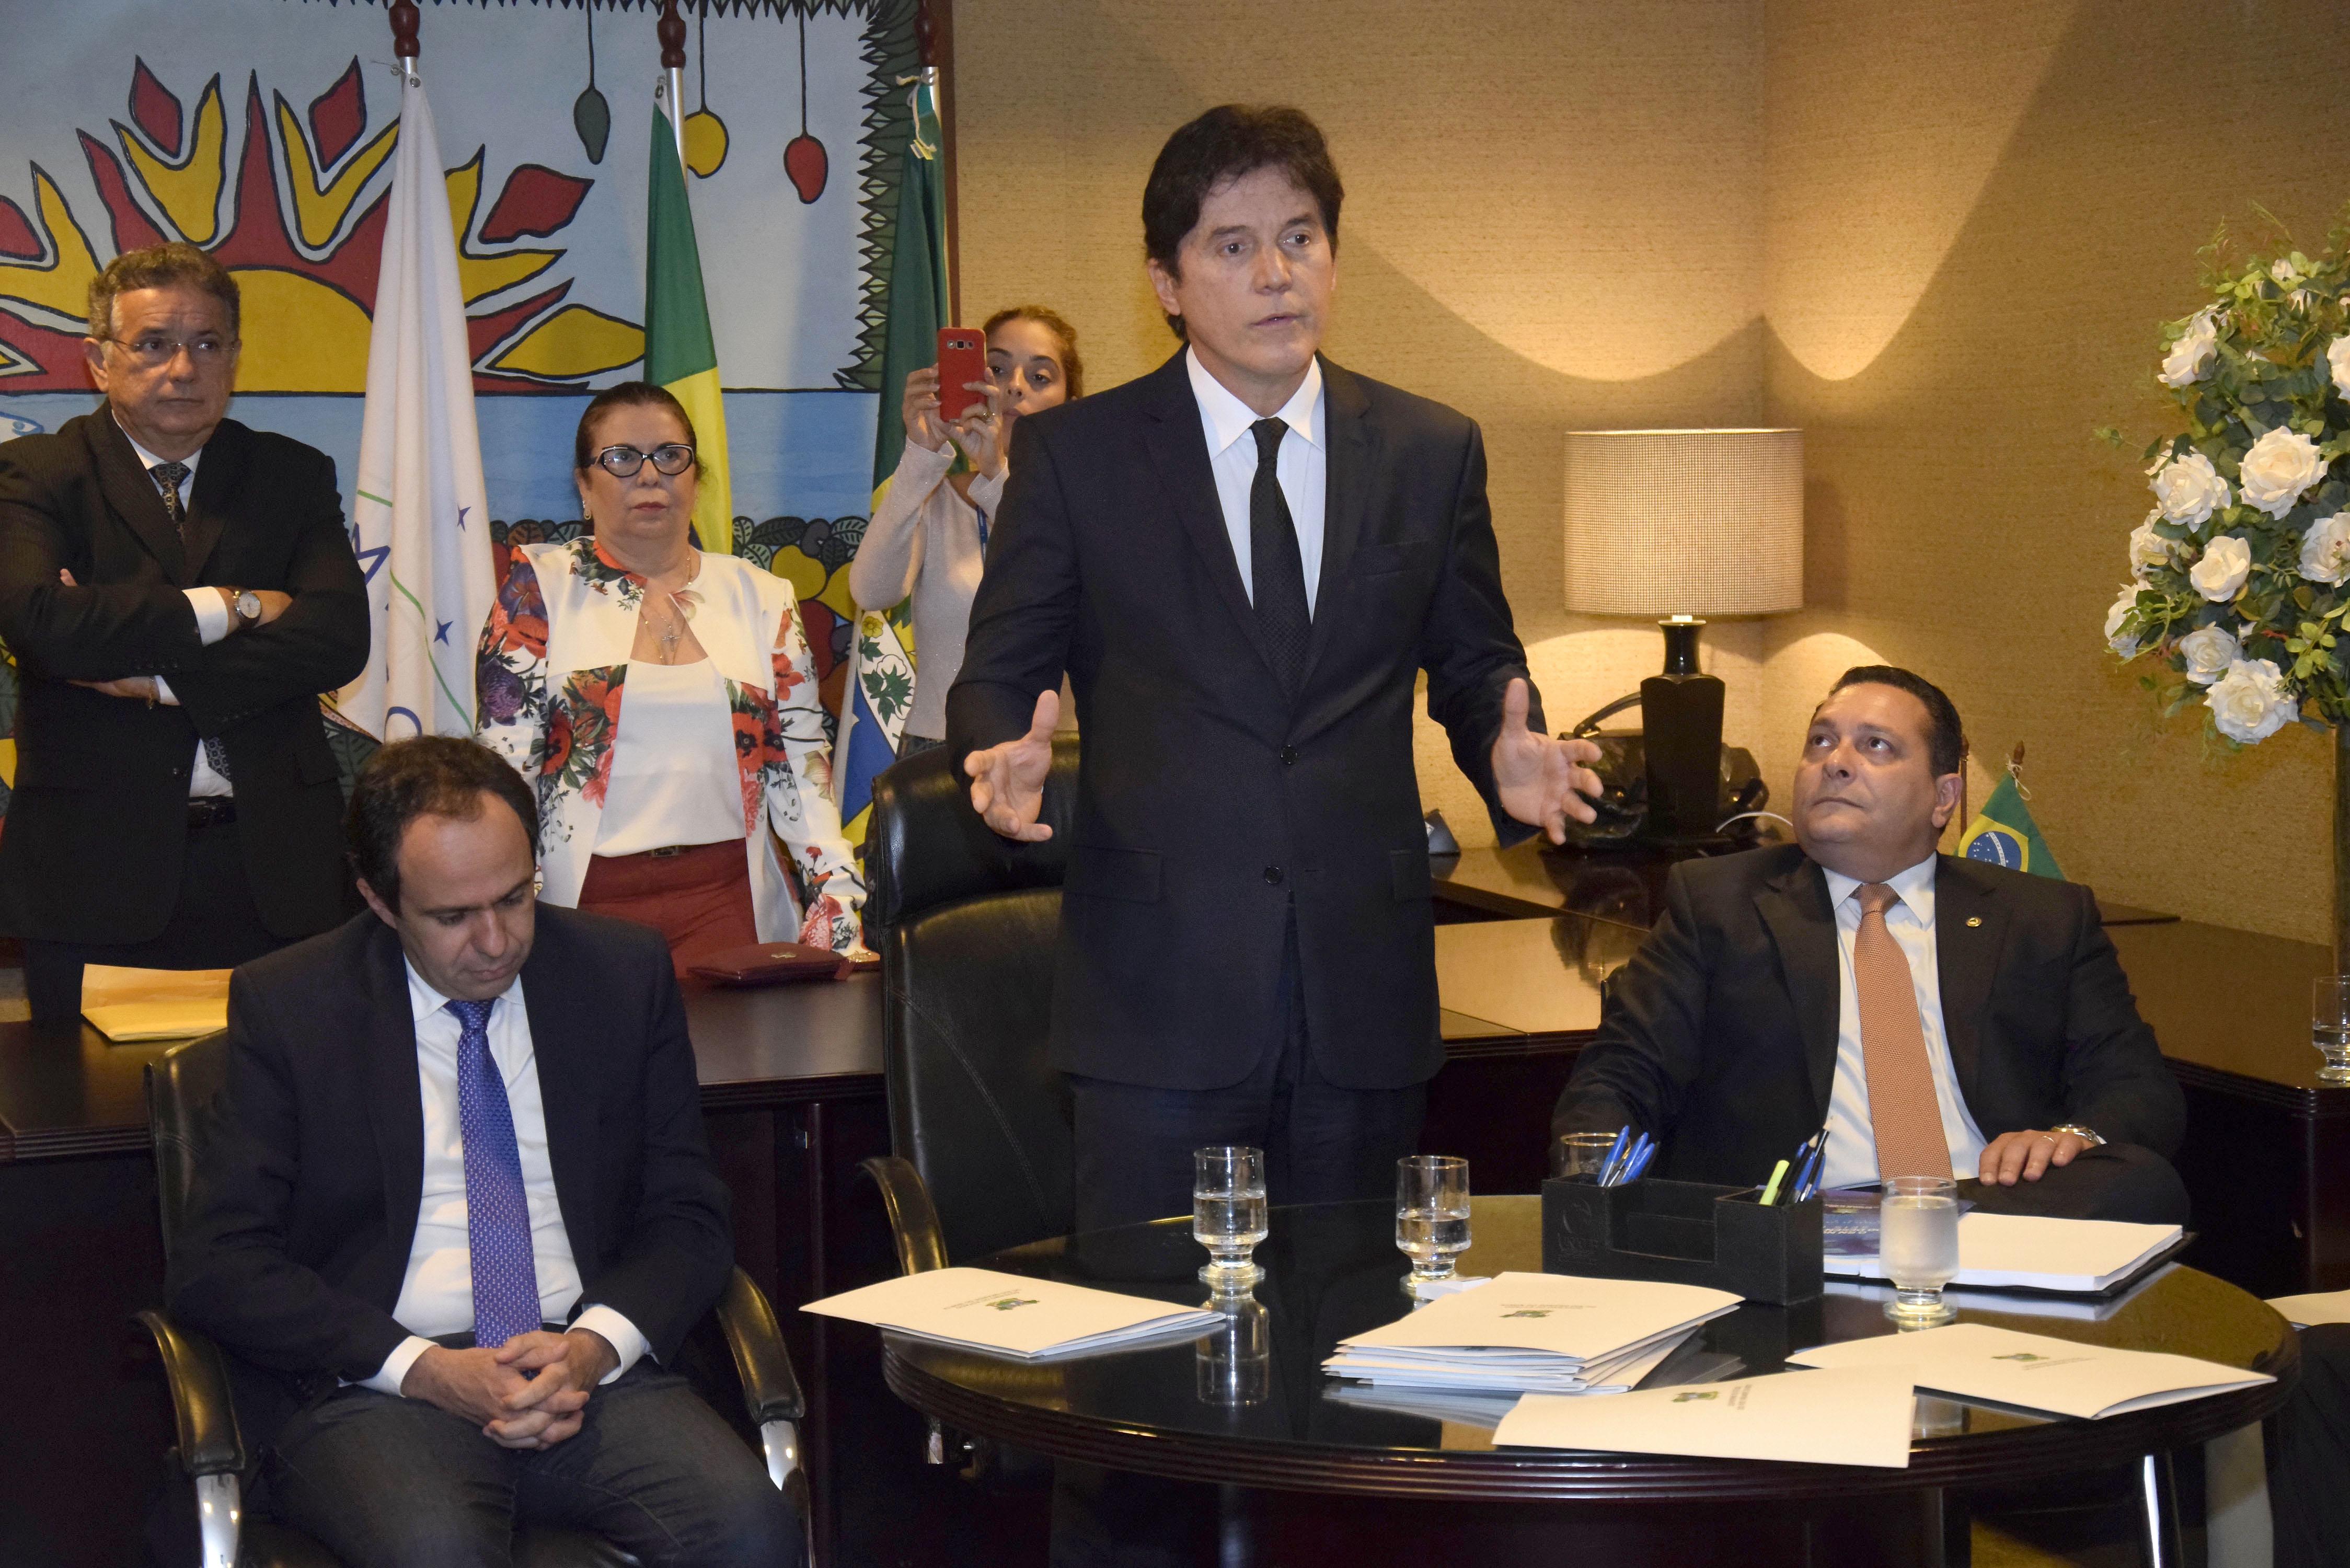 Governador entrega relatório dos seis primeiros meses de gestão